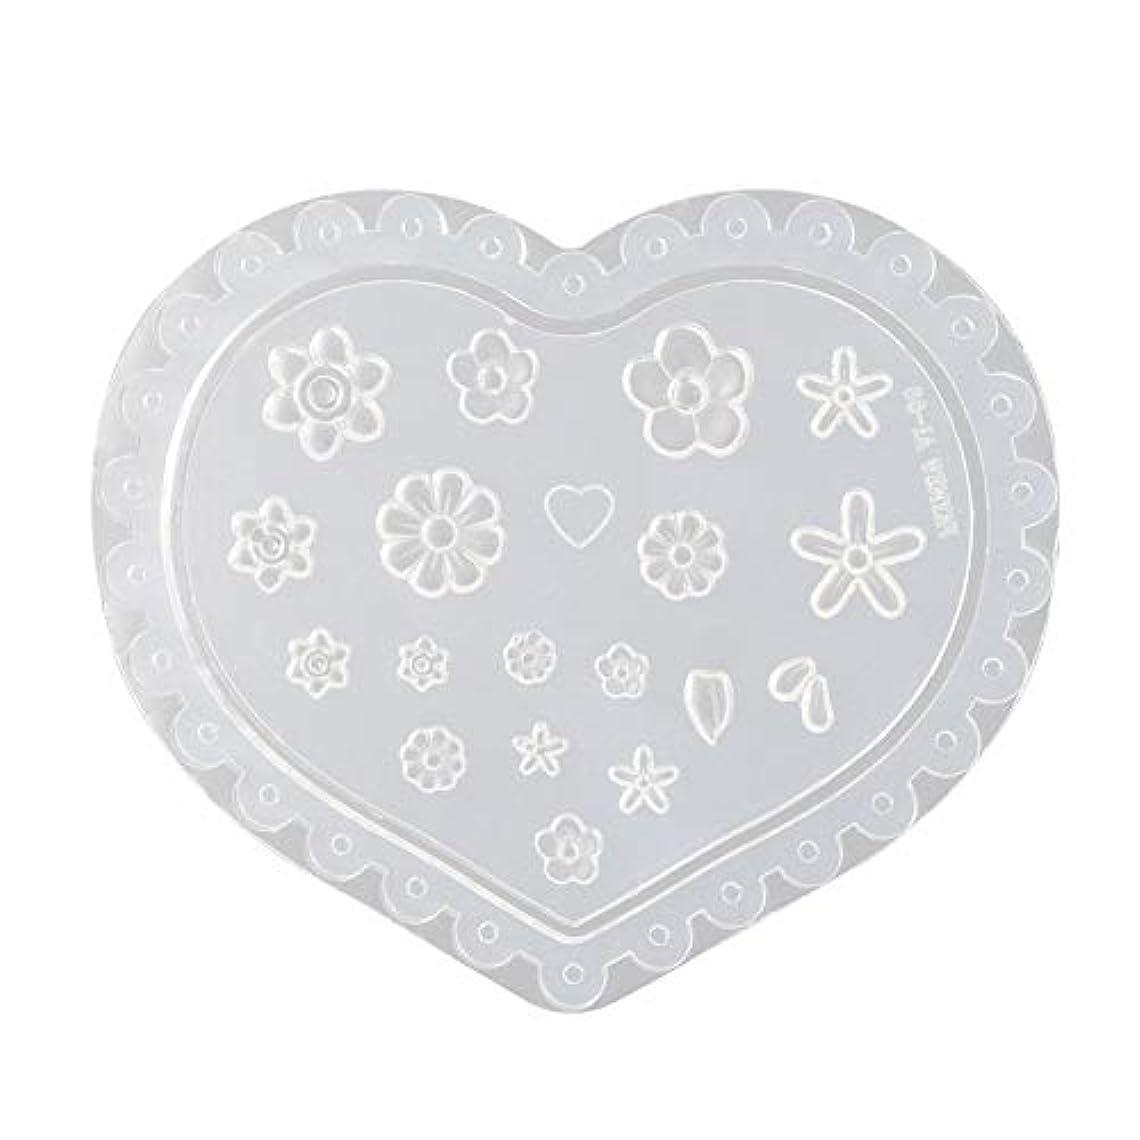 食い違いとにかくサラミLindexs 3Dシリコンモールド ネイル 葉 花 抜き型 3Dネイル用 レジンモールド UVレジン ネイルパーツ ジェル ネイル セット アクセサリー パーツ 作成 (1#)